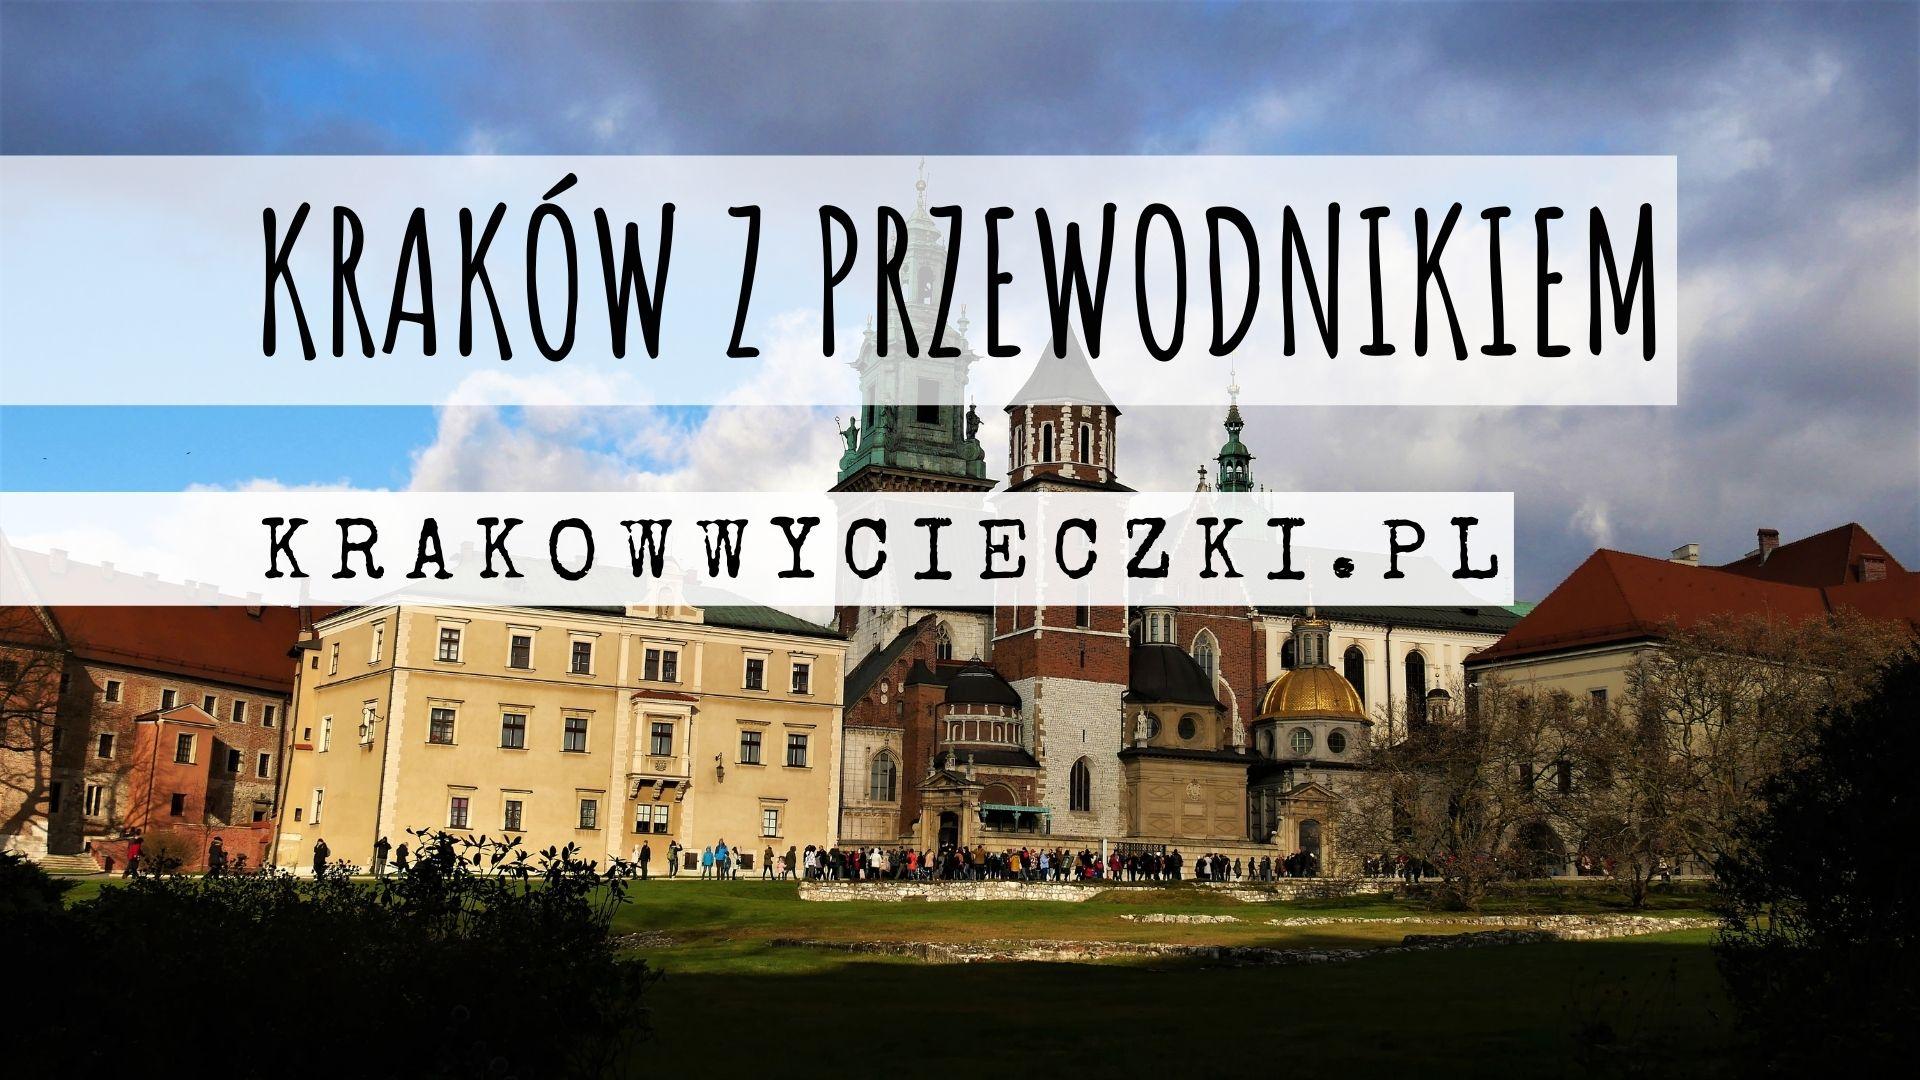 Zwiedzaj Wawel z przewodnikiem_krakowycieczki.pl